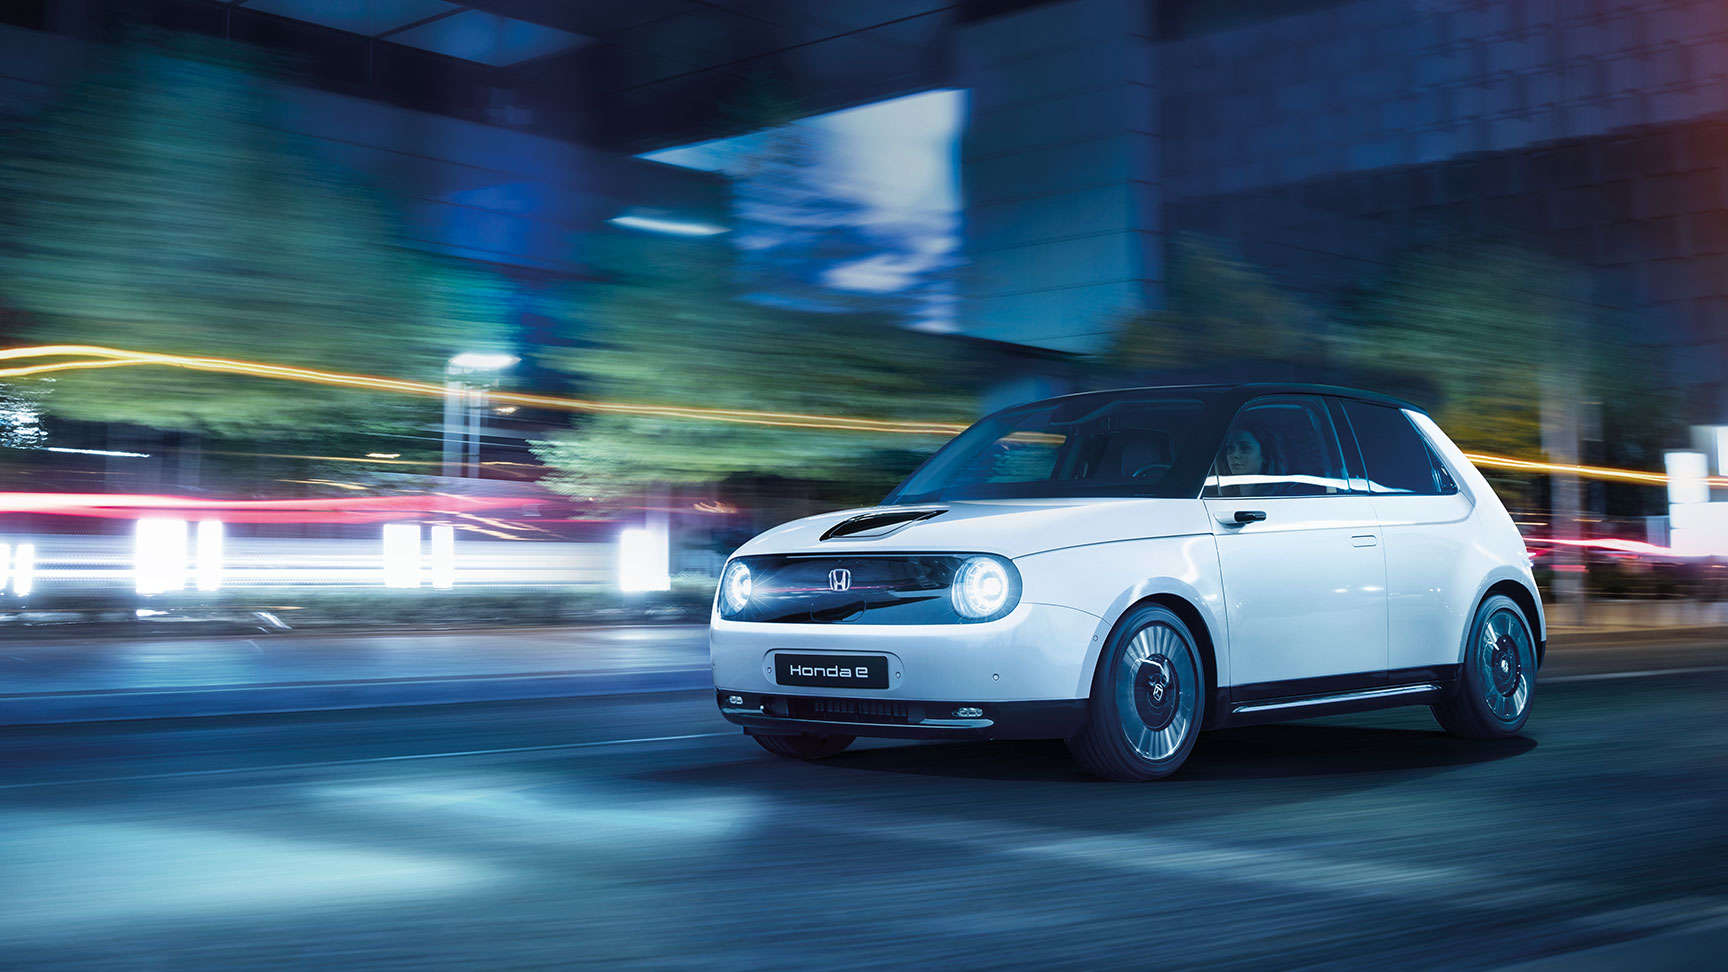 Biela Honda e pri jazde nočným mestom